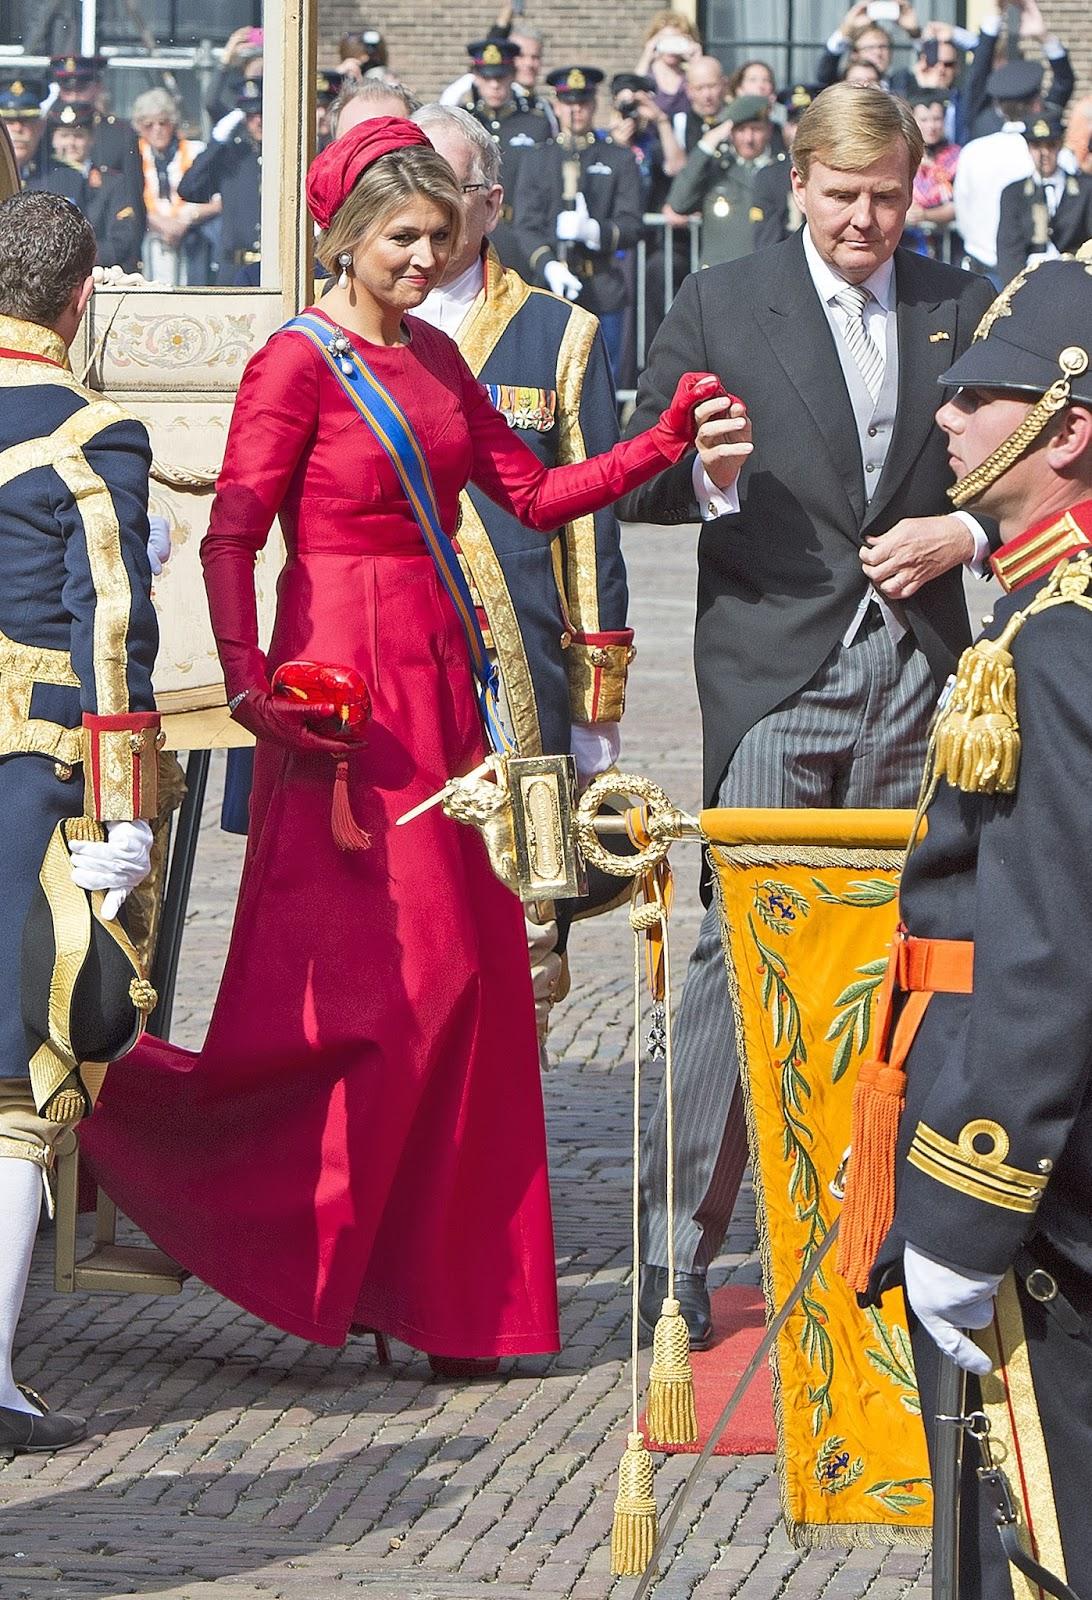 king-willem-alexander_queen-maxima_Prinsjesdag%2B2014.jpg